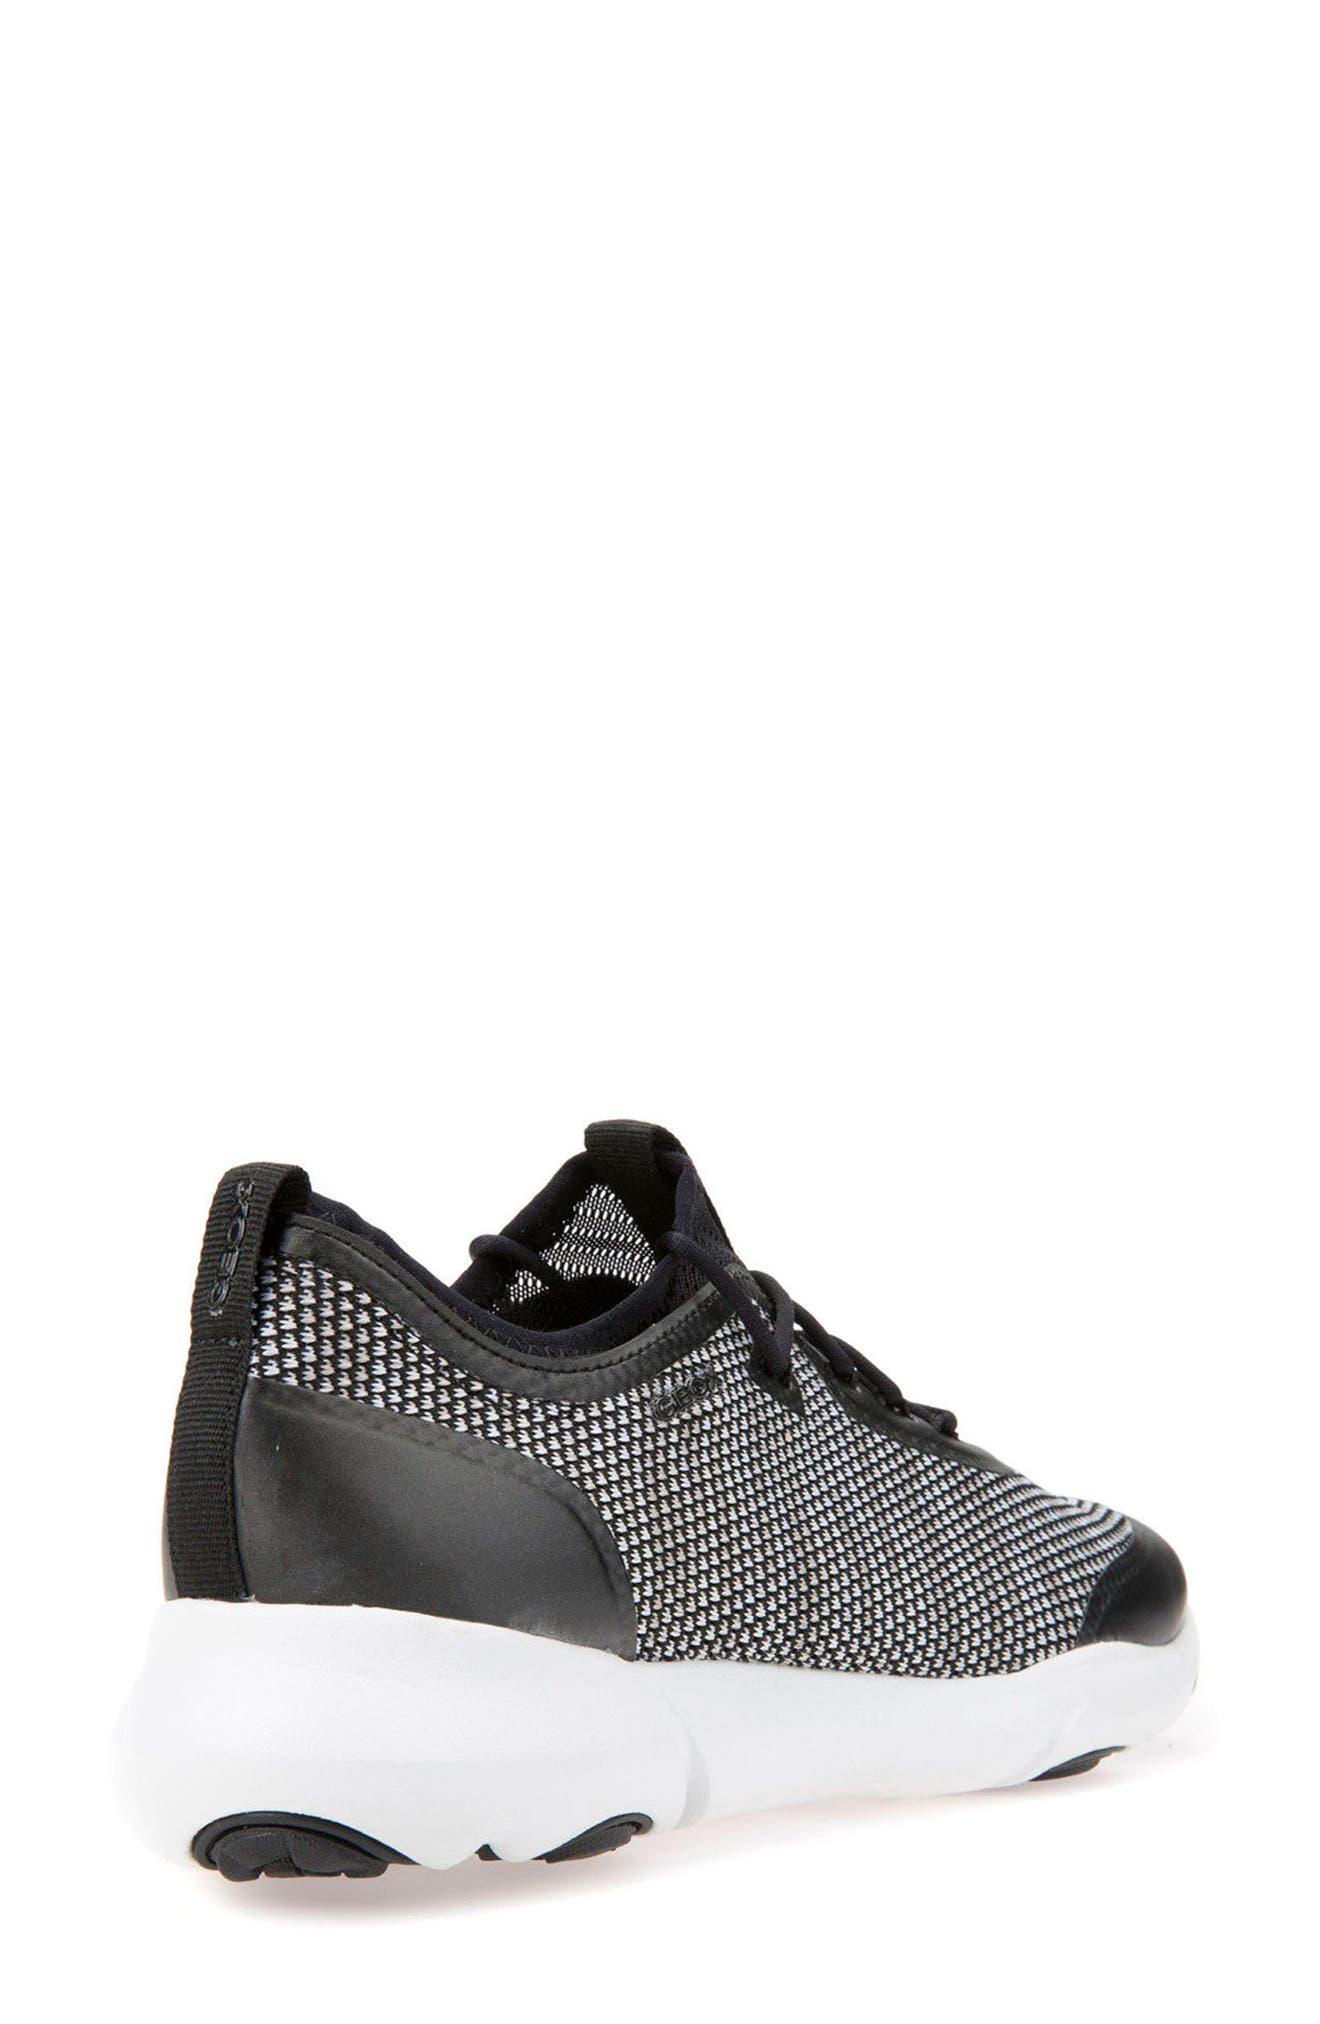 Nebula X Knit Sneaker,                             Alternate thumbnail 2, color,                             BLACK/ WHITE LEATHER